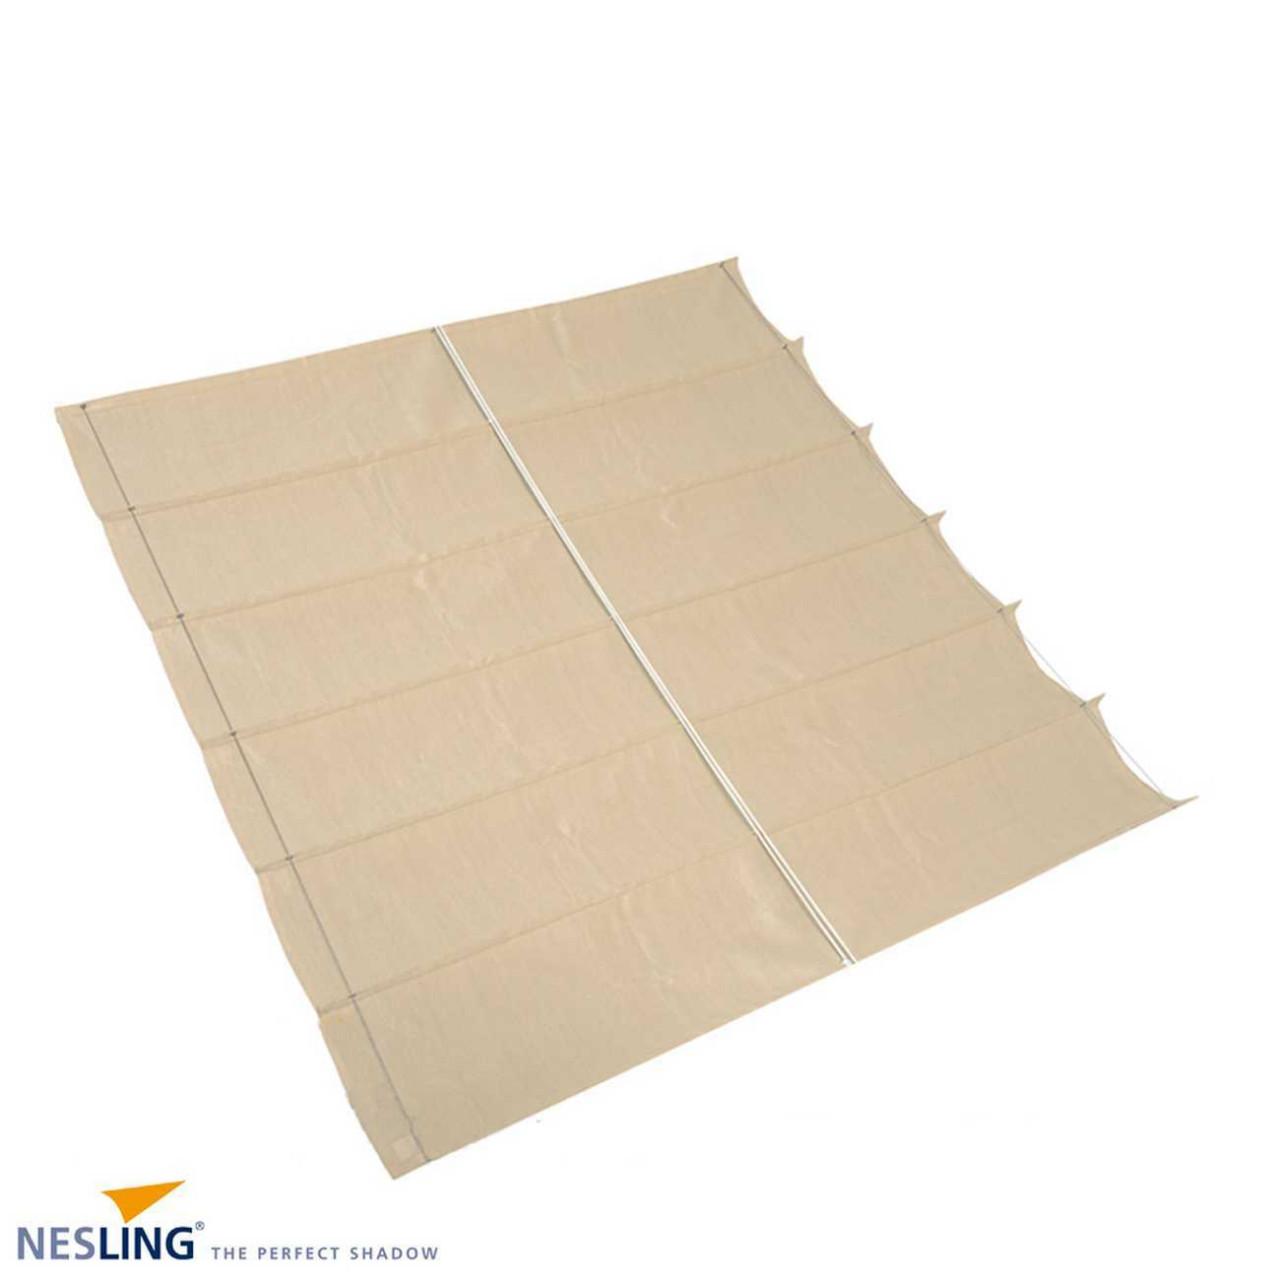 Faltsonnensegel von Nesling 290 x 500 cm, Sonnensegel, verstellbar, Sonnenschutz